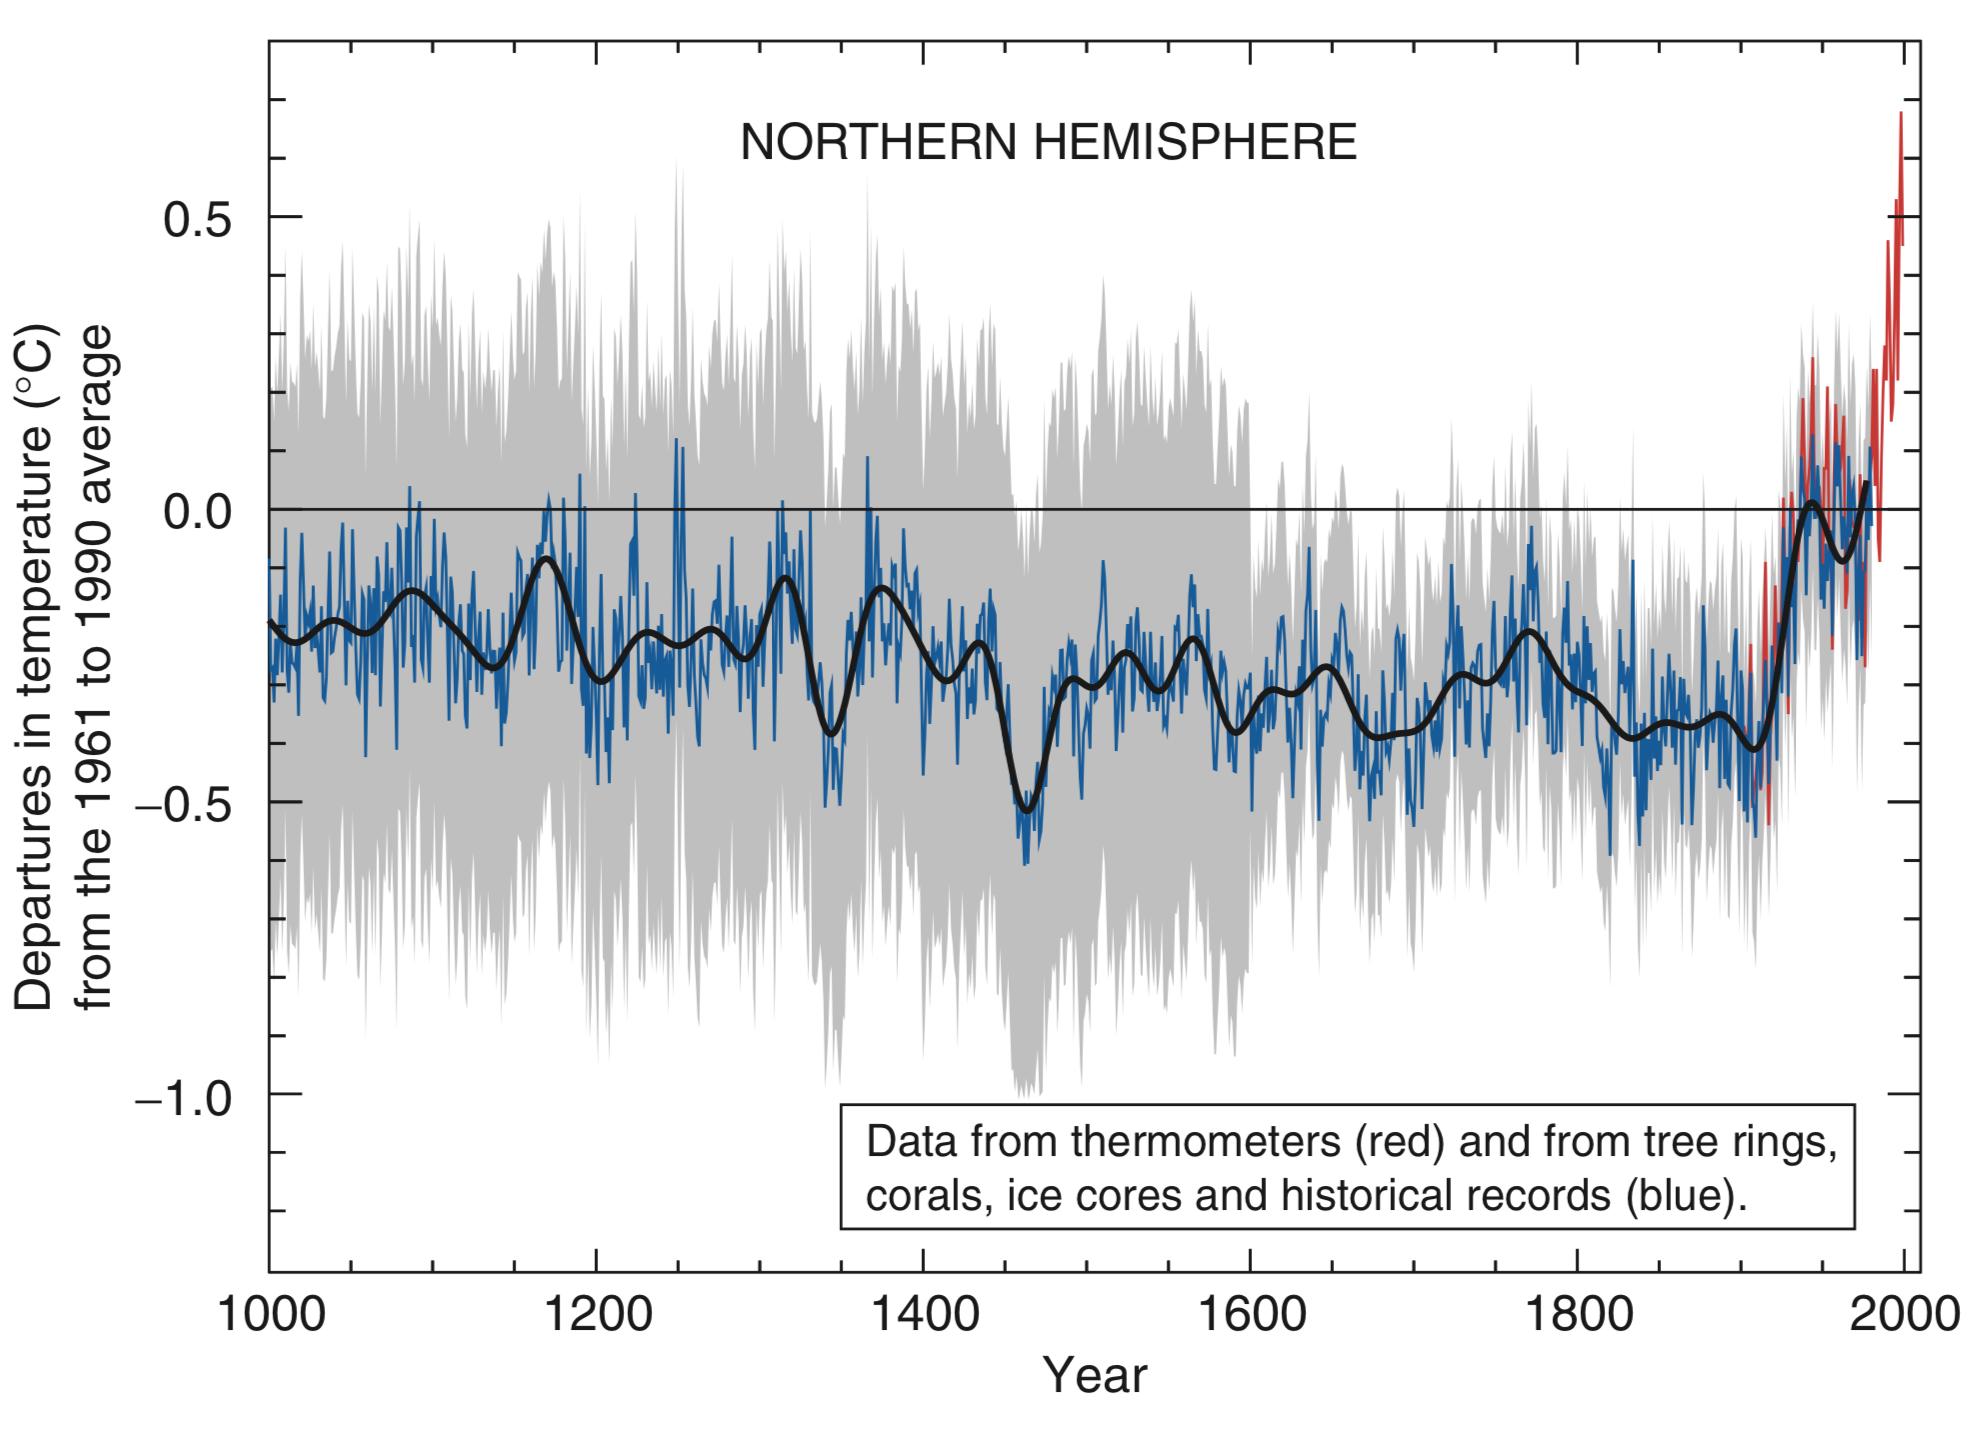 Klimaentwicklung gemäss IPCC TAR 2001 (Michael Mann)